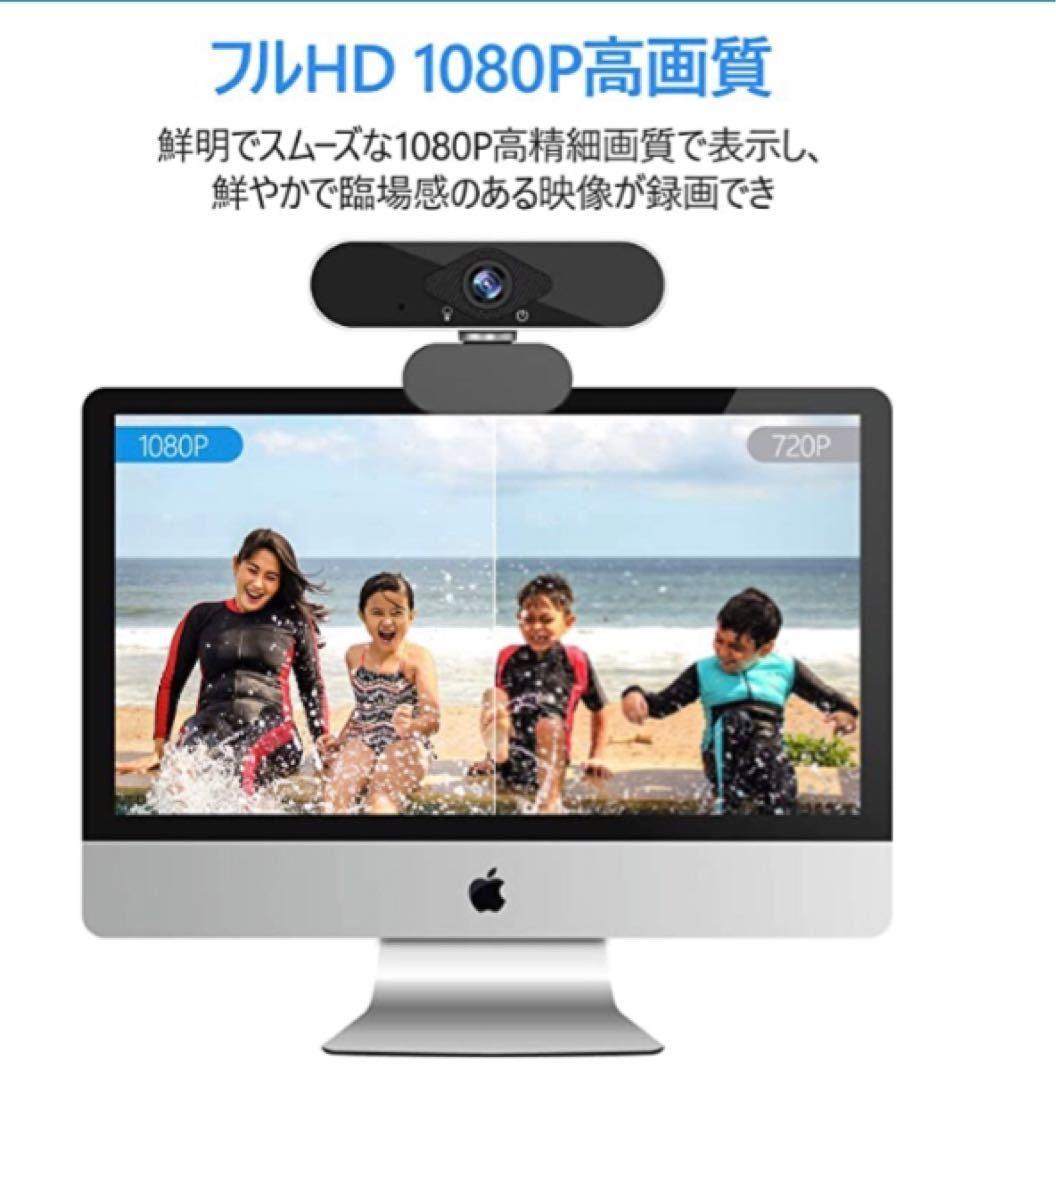 ウェブカメラ フルHD 1080P 高画質 200万画素 webカメラ マイク付き usb  未使用品